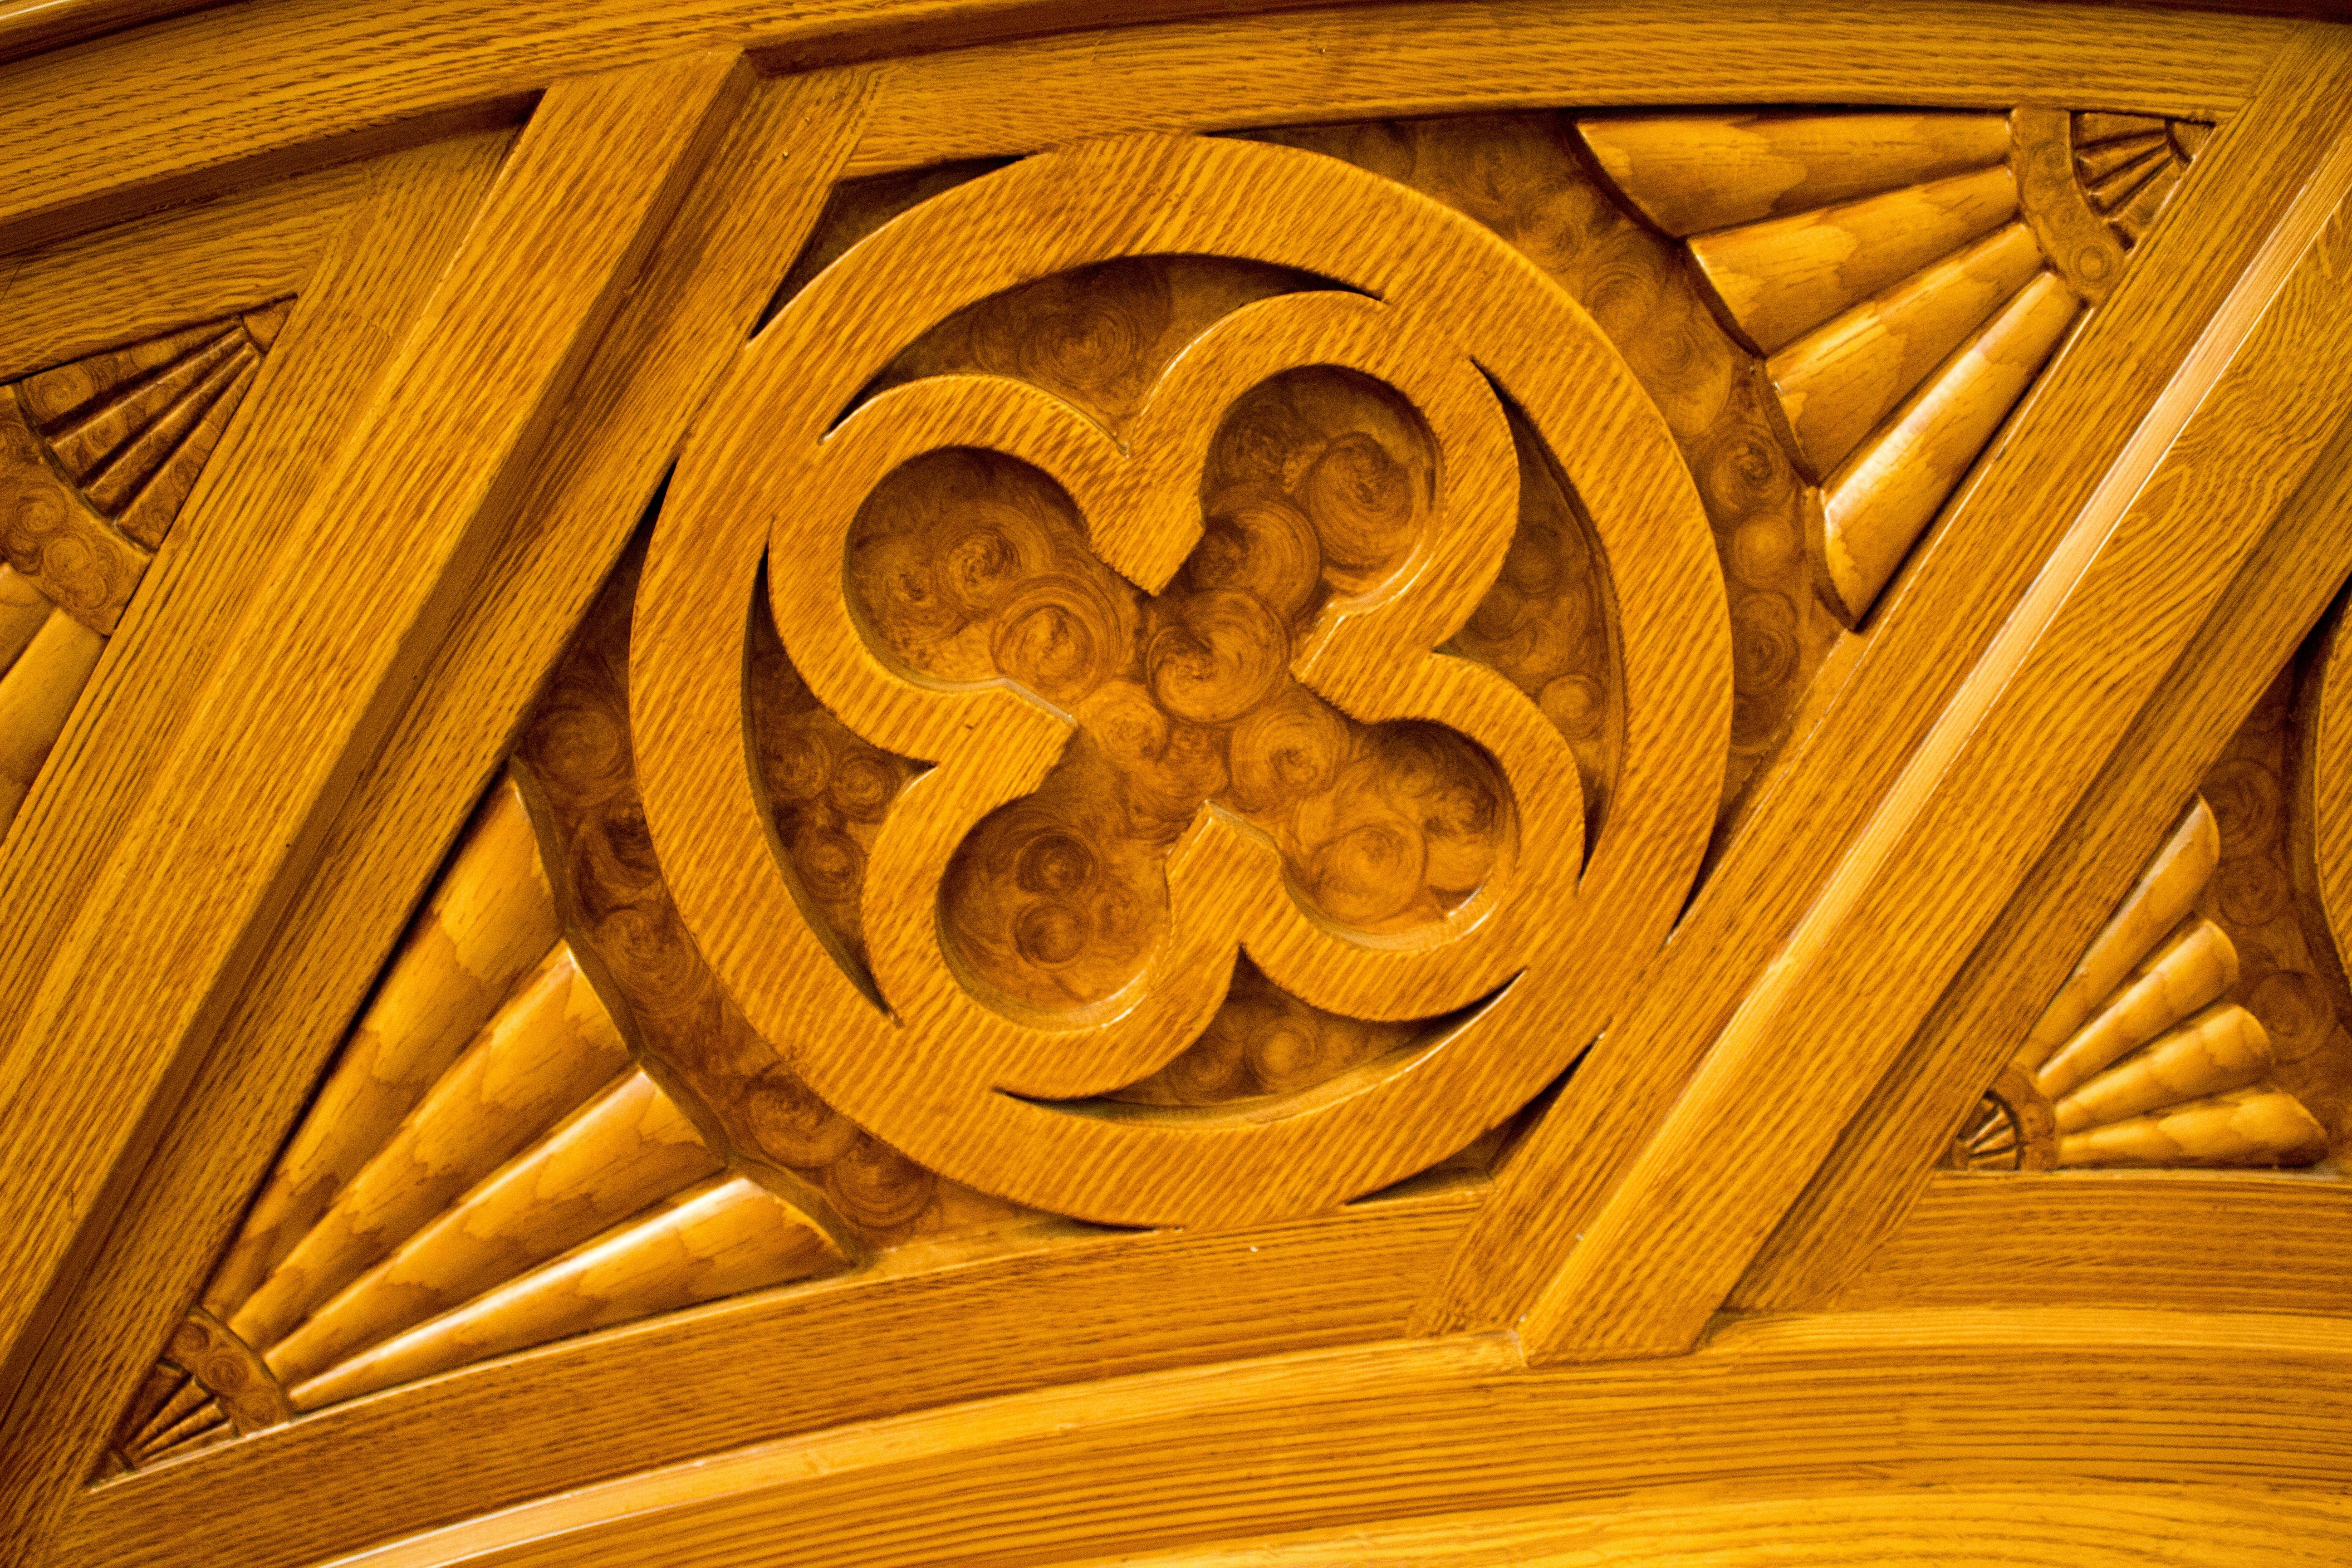 Free Images Work Hand Wood Antique Workshop Decoration Log